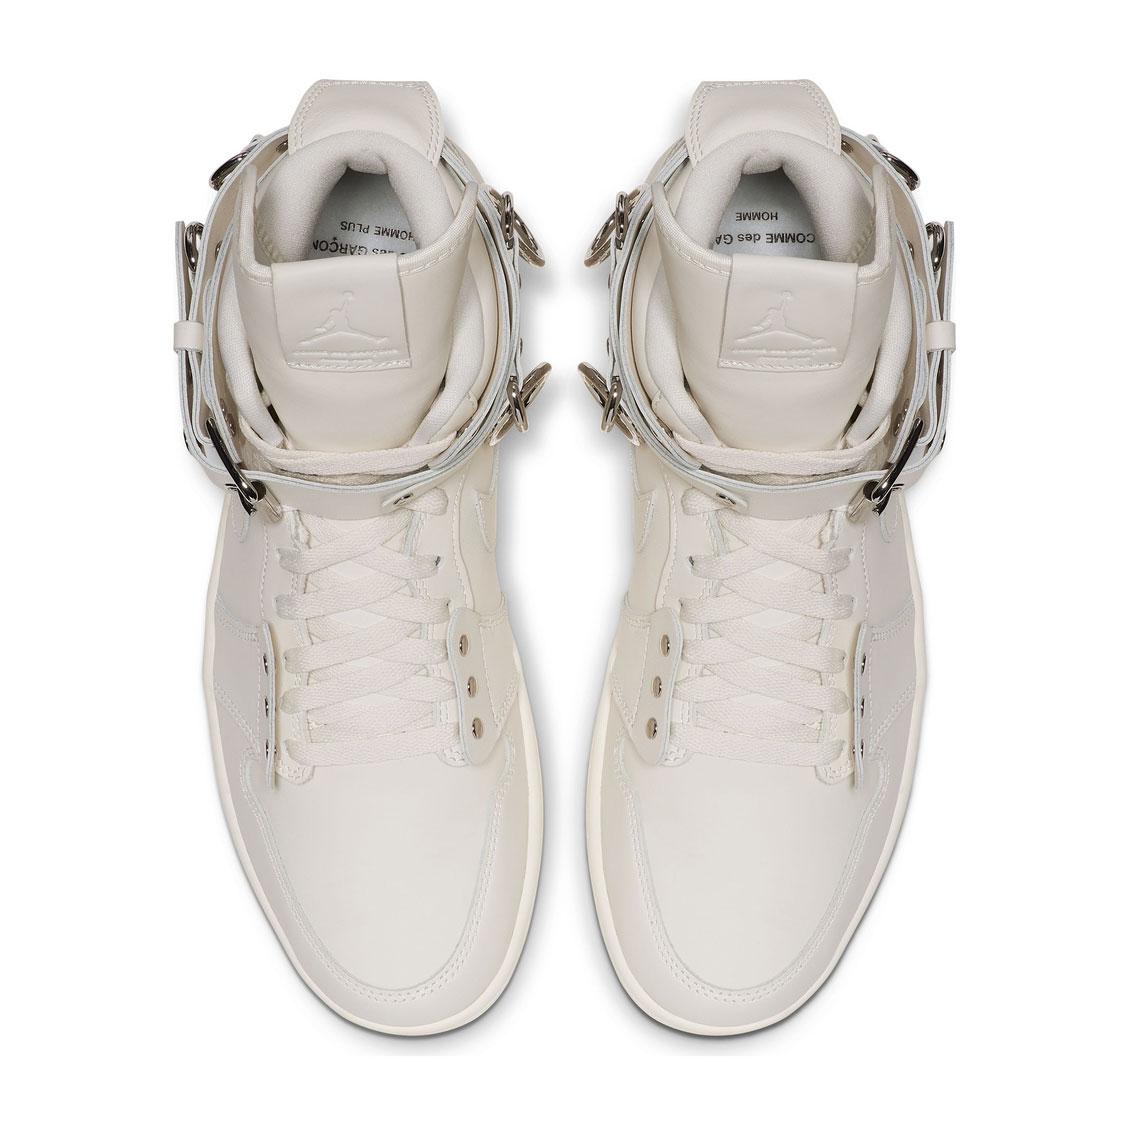 grande vente 89d61 d455f Comme Des Garcons Homme Plus Air Jordan 1 White CN5738-100 ...